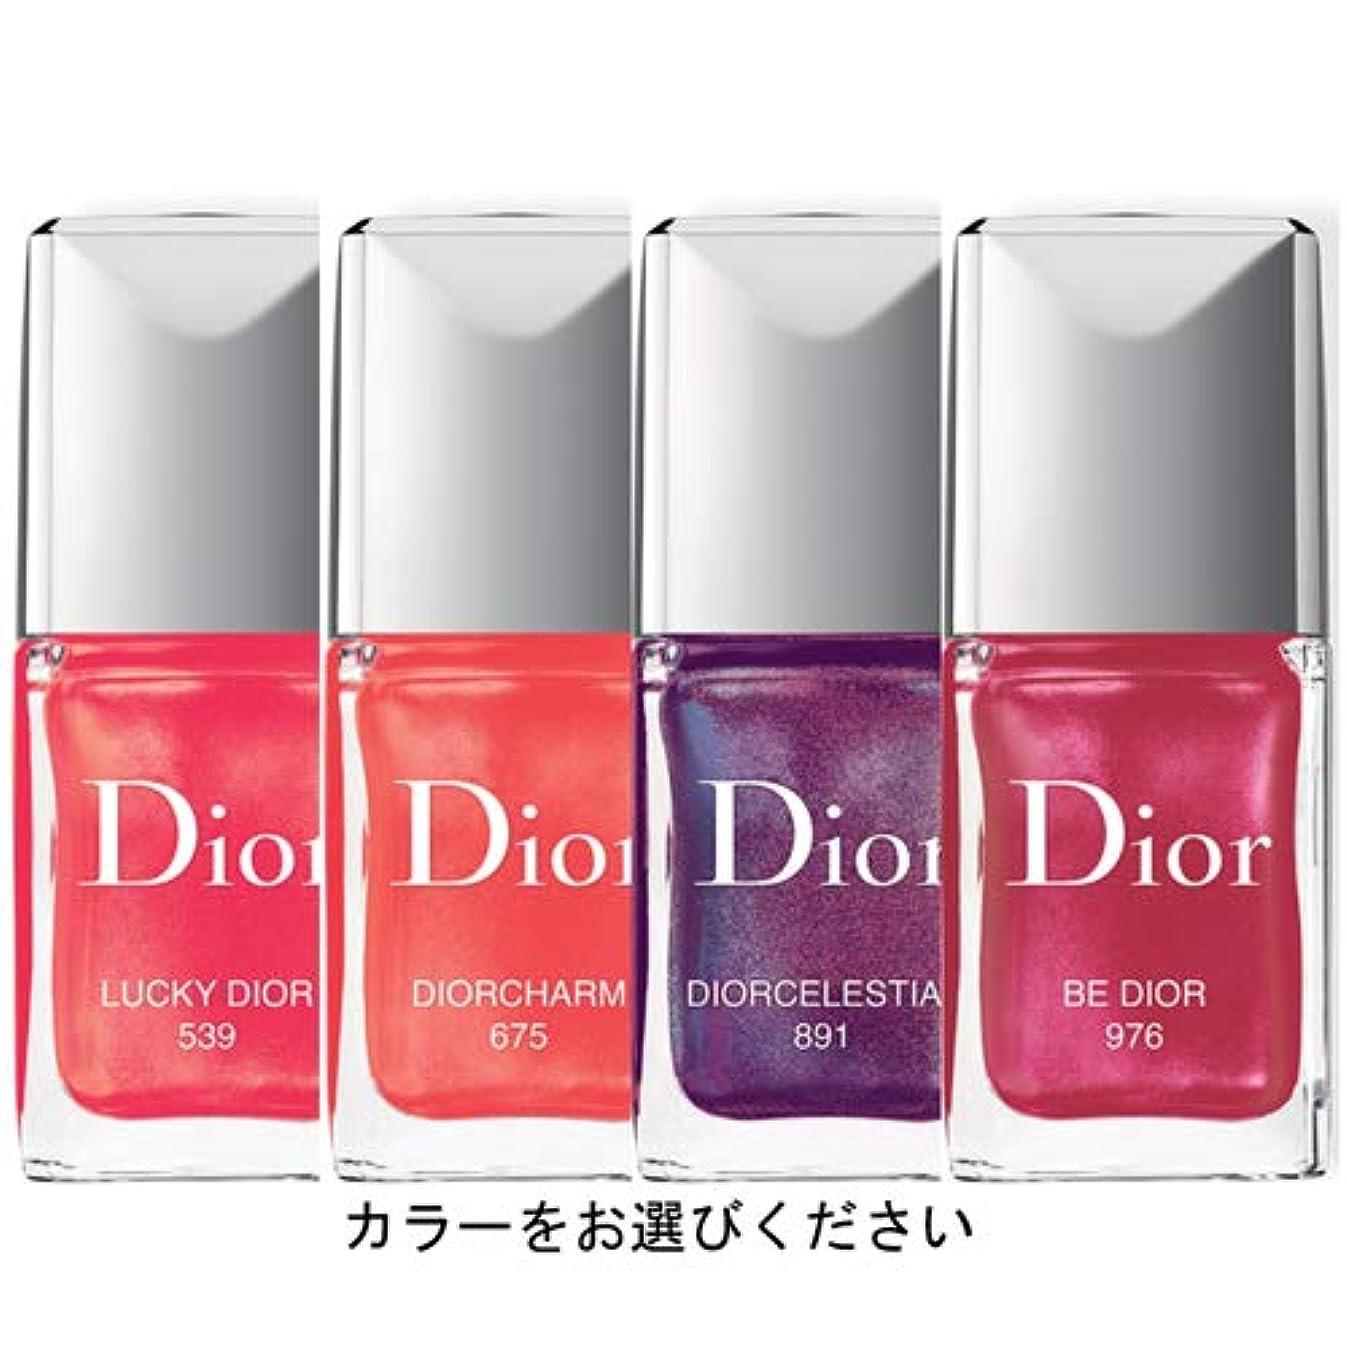 傑出したオーバーラン排他的Dior(ディオール) ディオール ヴェルニ 19 ステラーシャイン限定 10ml (976 ビー ディオール)